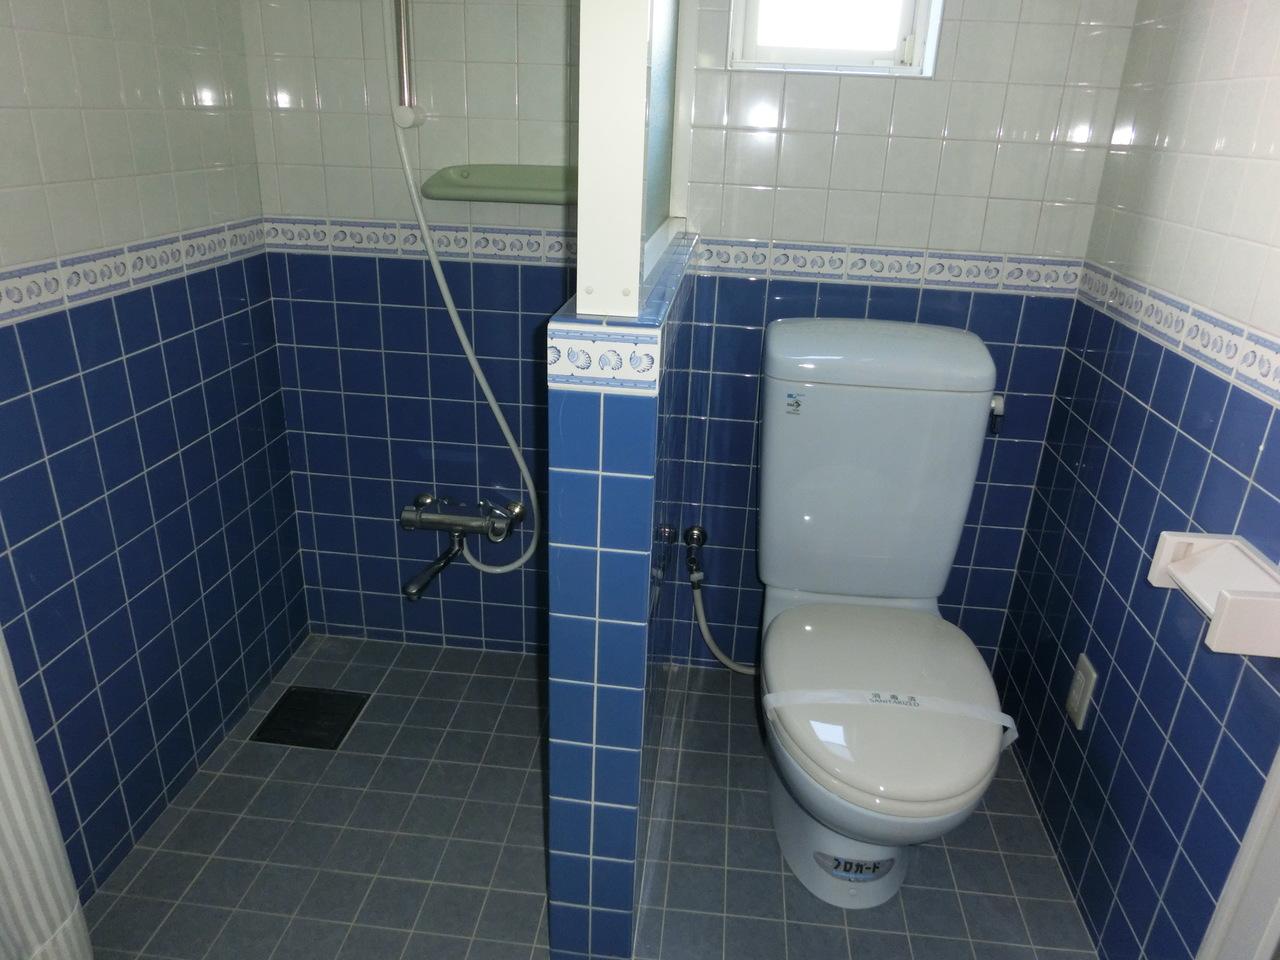 1Fの洗面所です。 なんだか海外ドラマっぽいトイレ、シャワールームがひとまとめのおしゃれな造りです♪